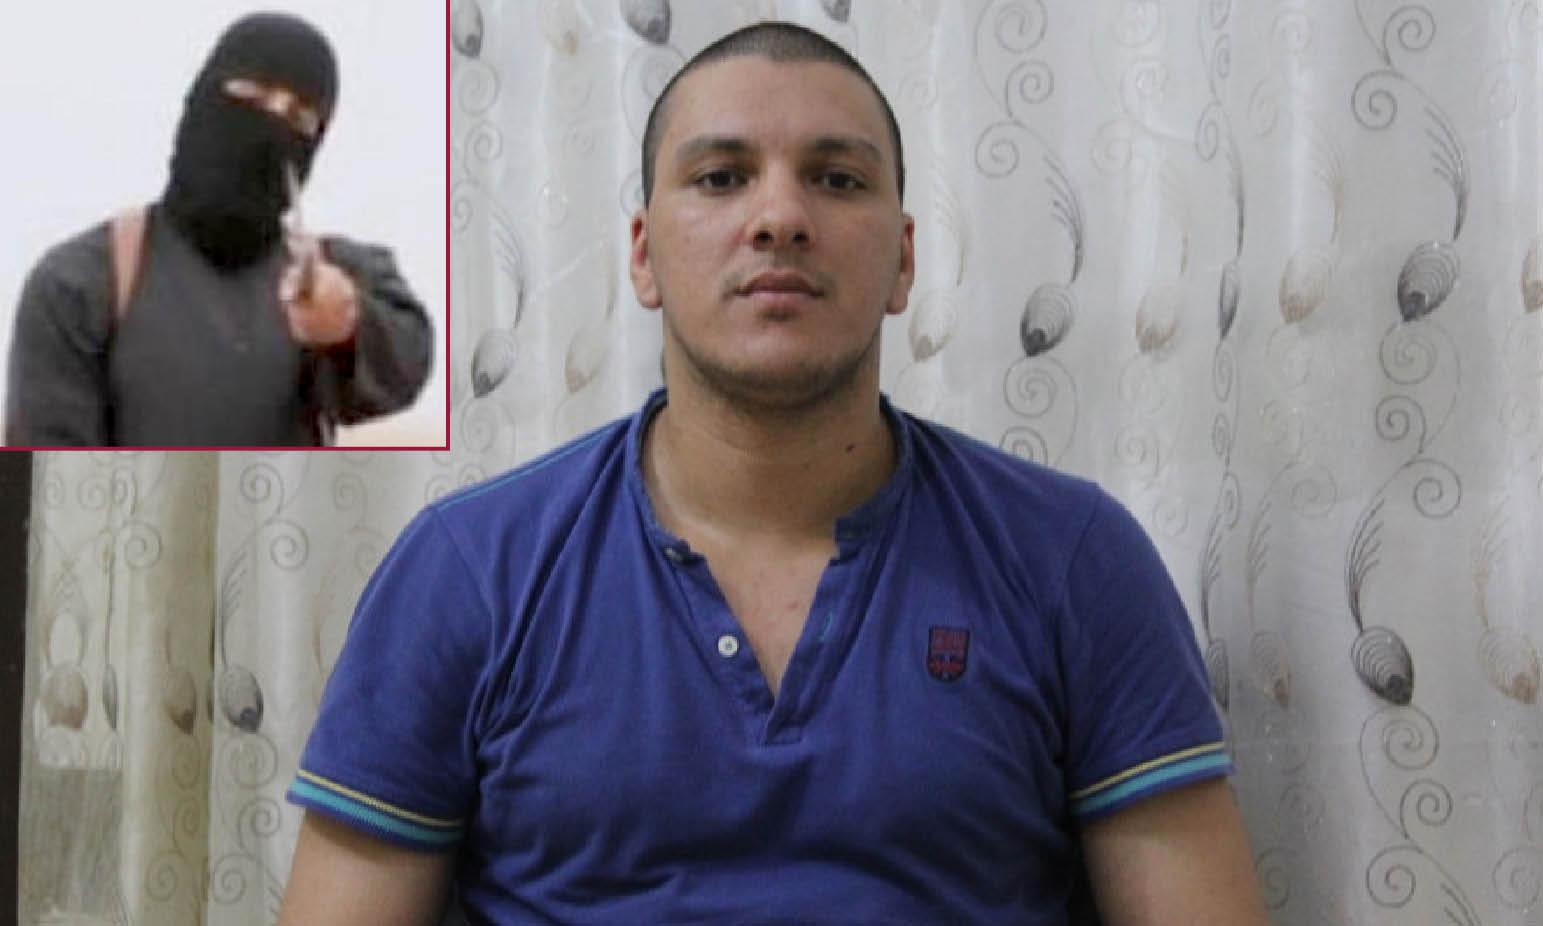 Finanziò le stragi di Parigi e Bruxelles: il boia di Raqqa potrebbe tornare libero con gli altri Foreign Fighters ISIS